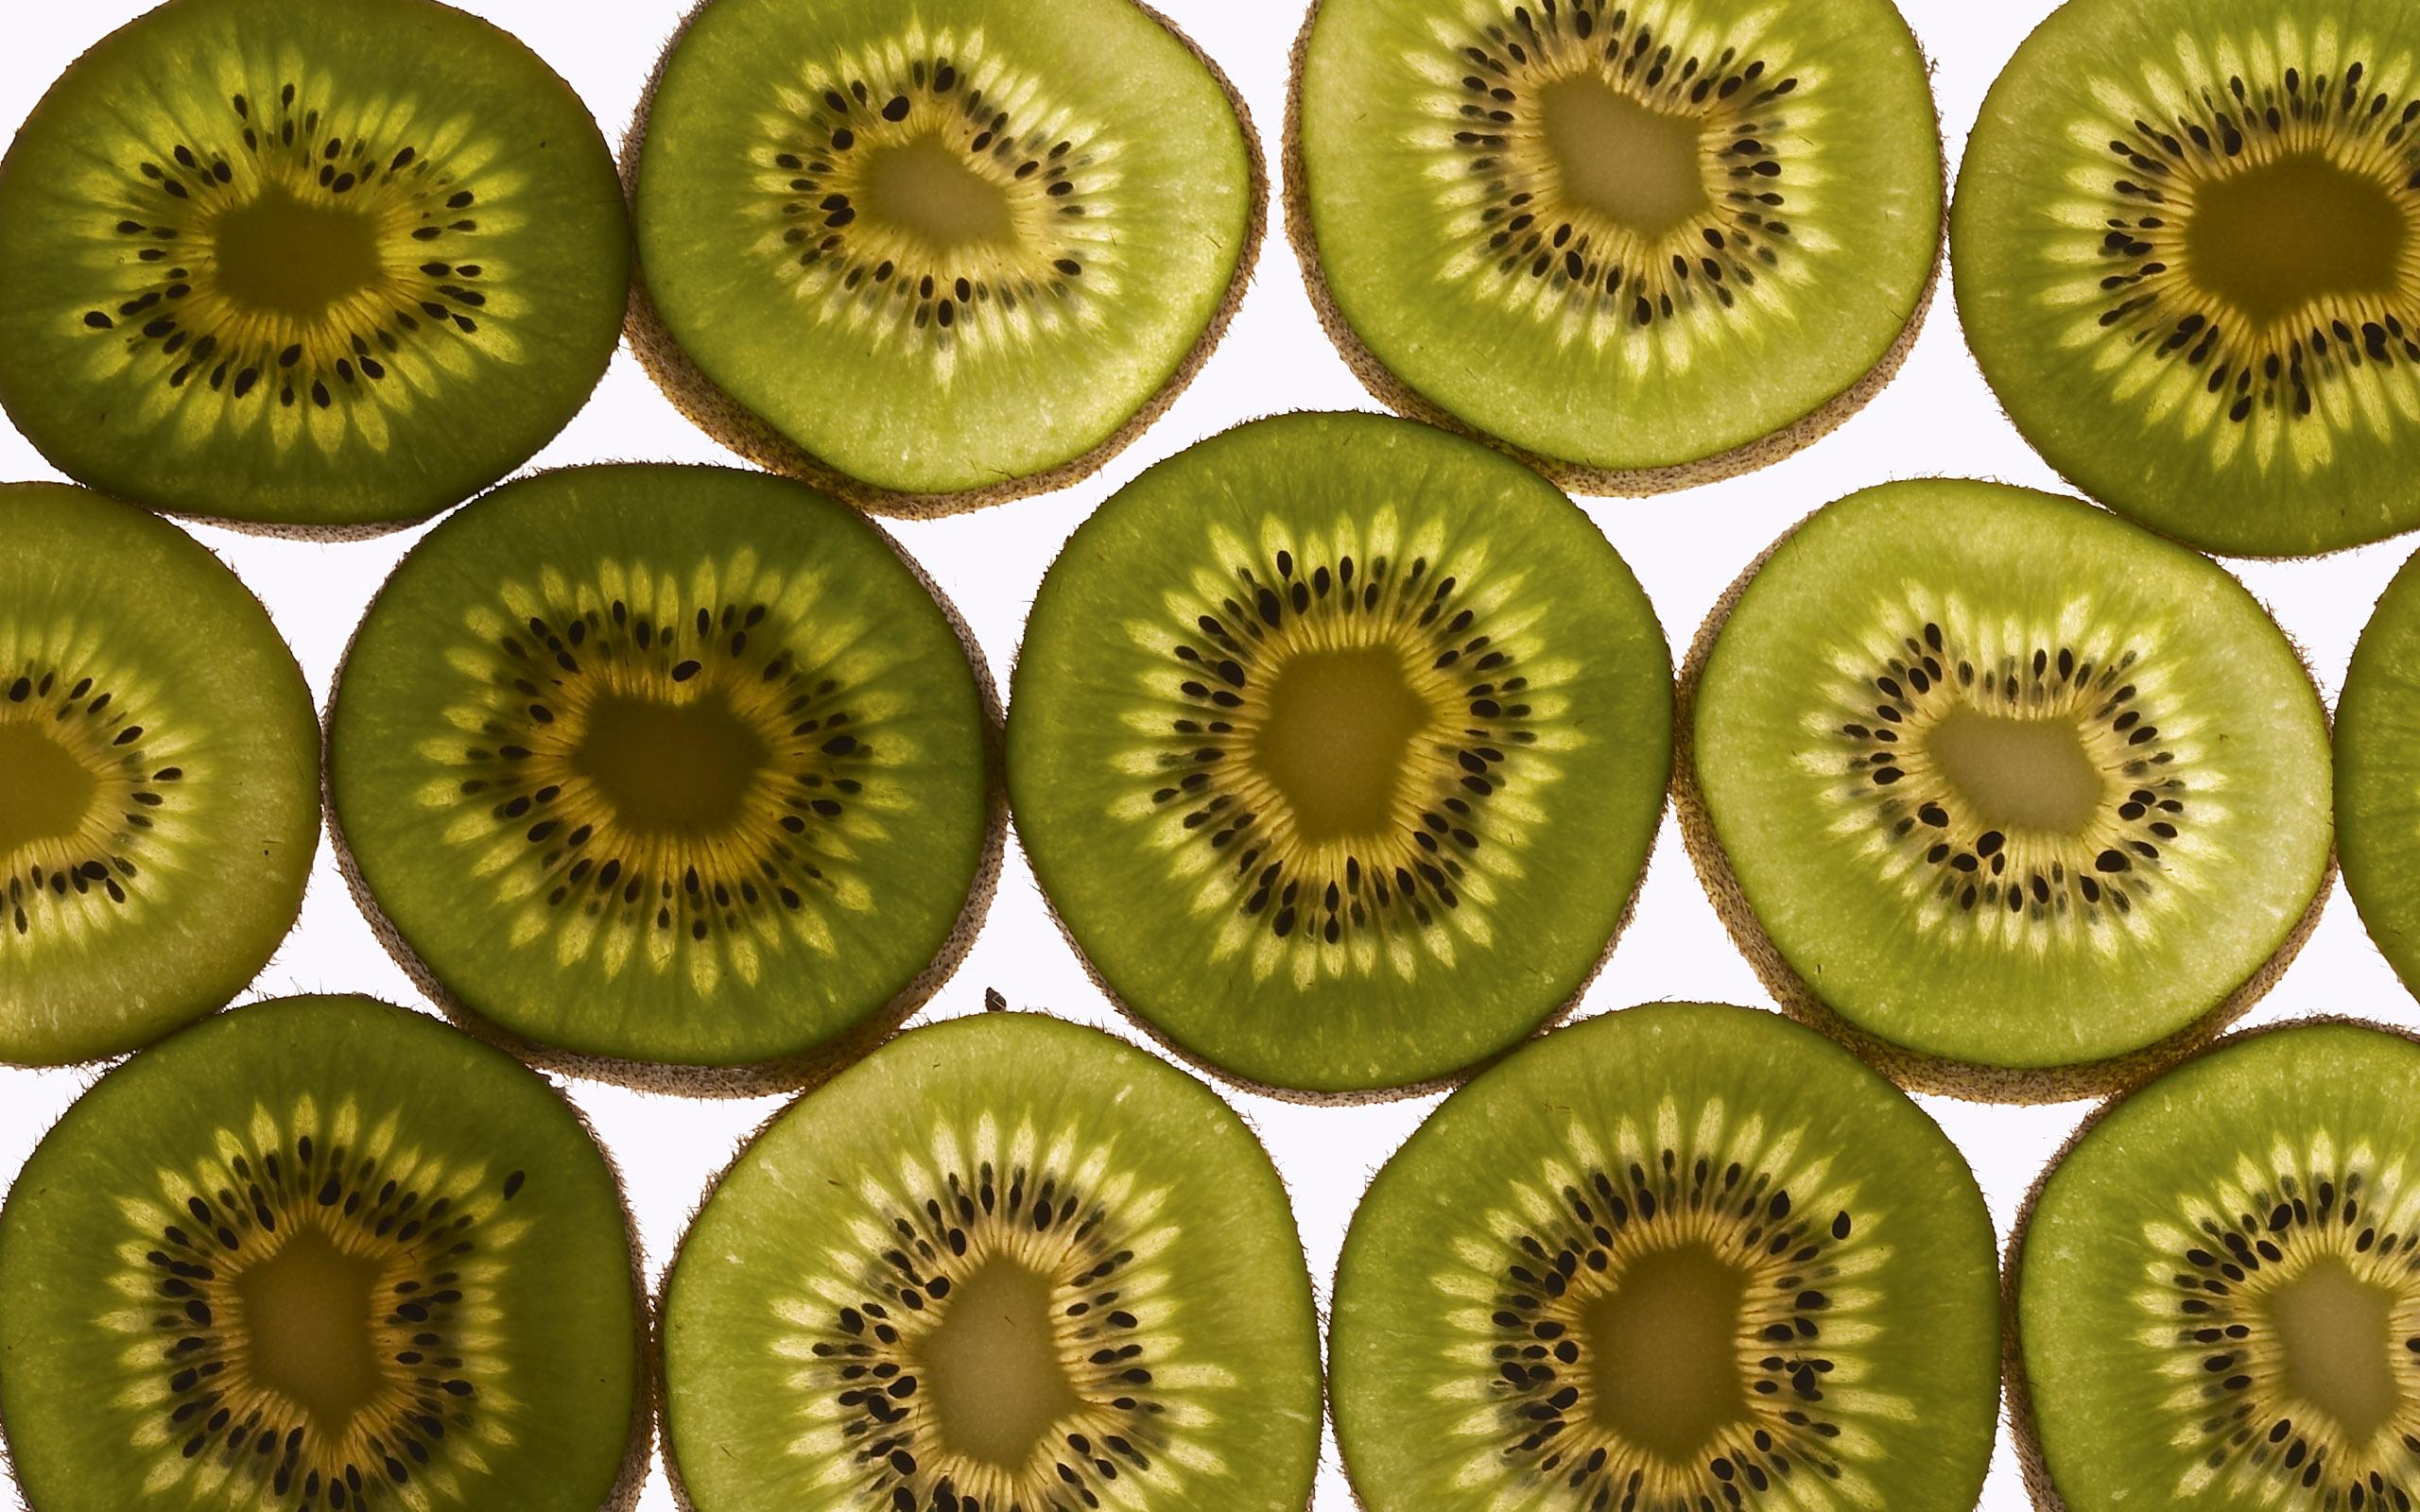 Красивые Овощи и фрукты картинки - фото обои на рабочий стол галерея 2